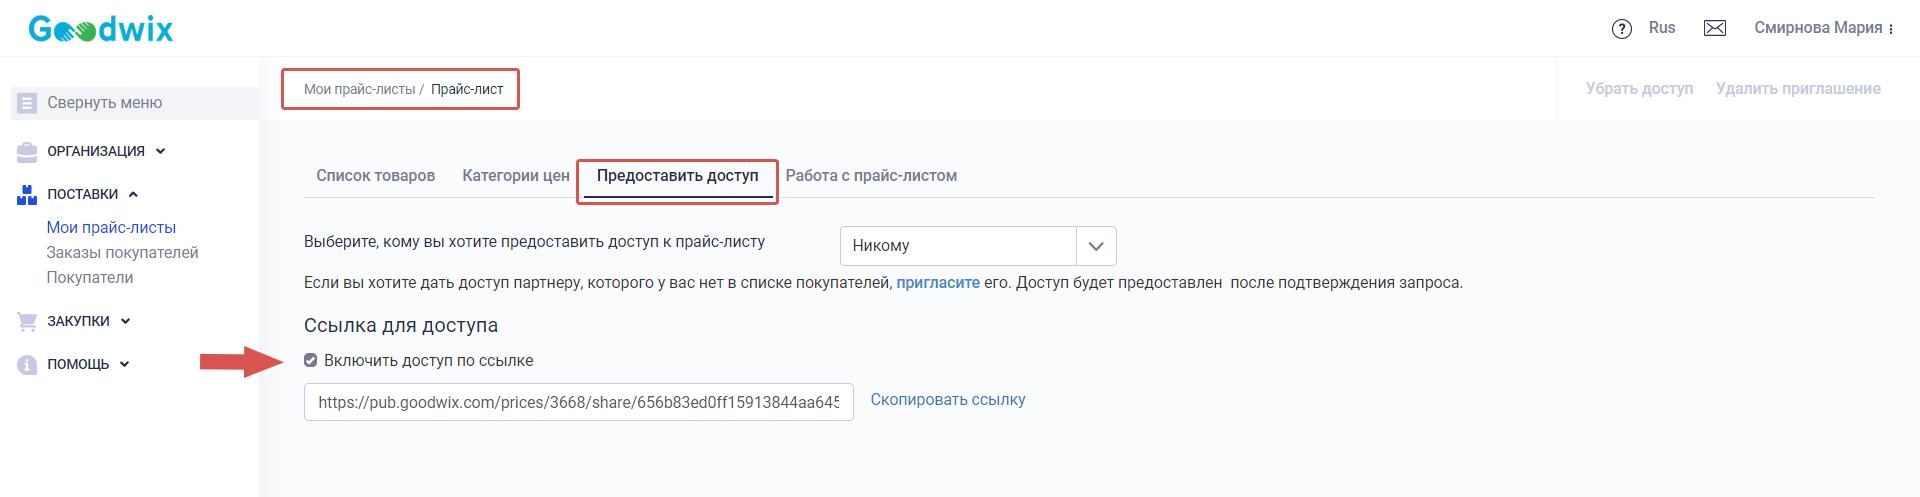 Настройки доступа к прайс-листу по ссылке